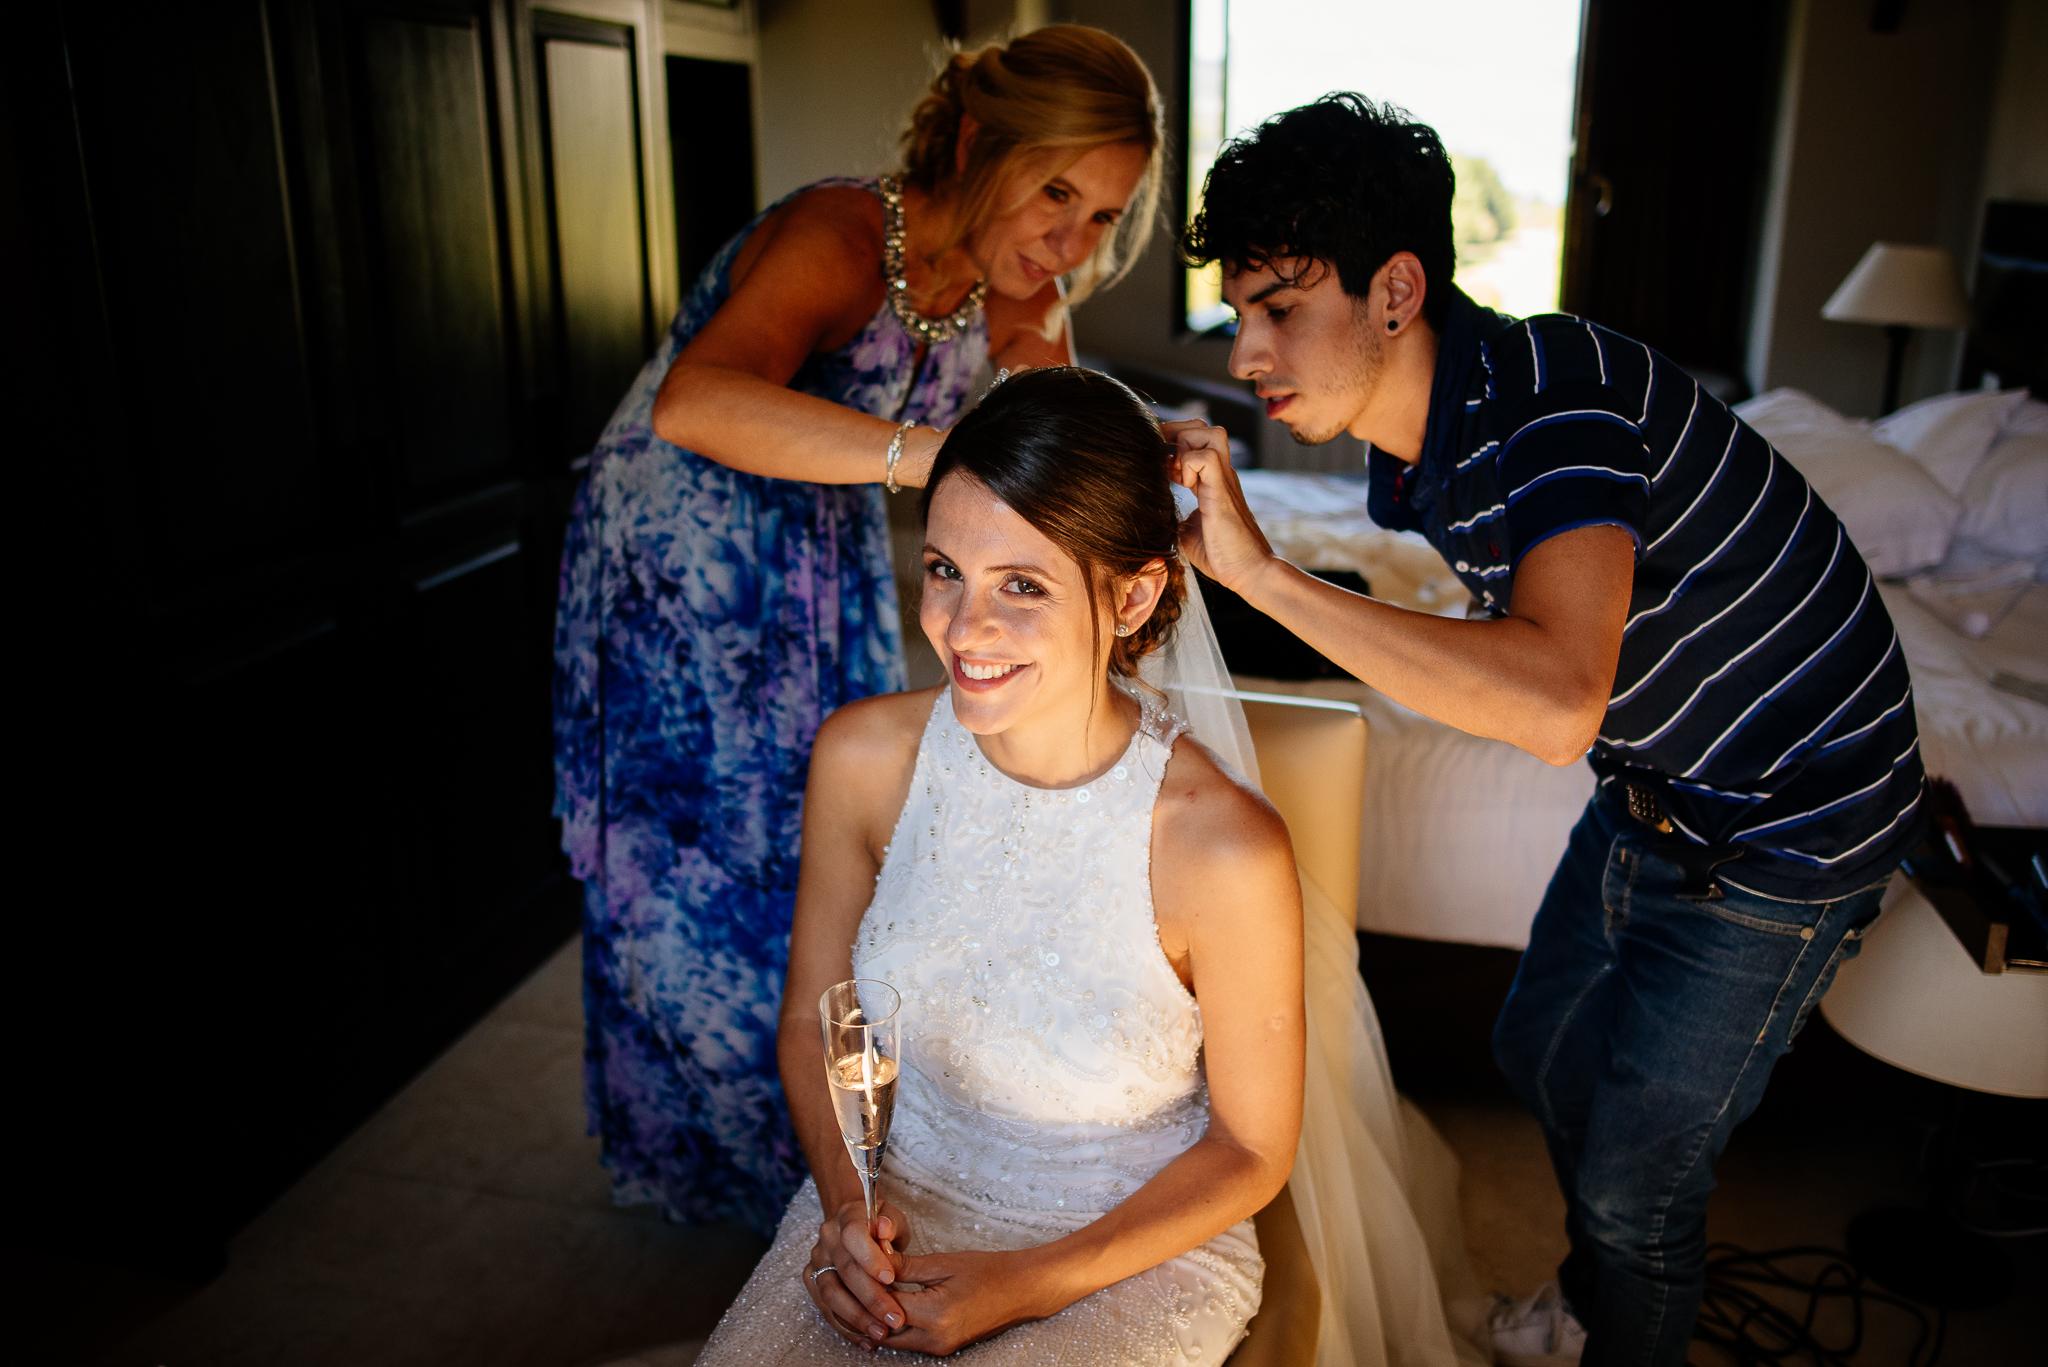 boda-bariloche-maxi-oviedo-fotografo-ramo-vestido-de-novia-17.jpg